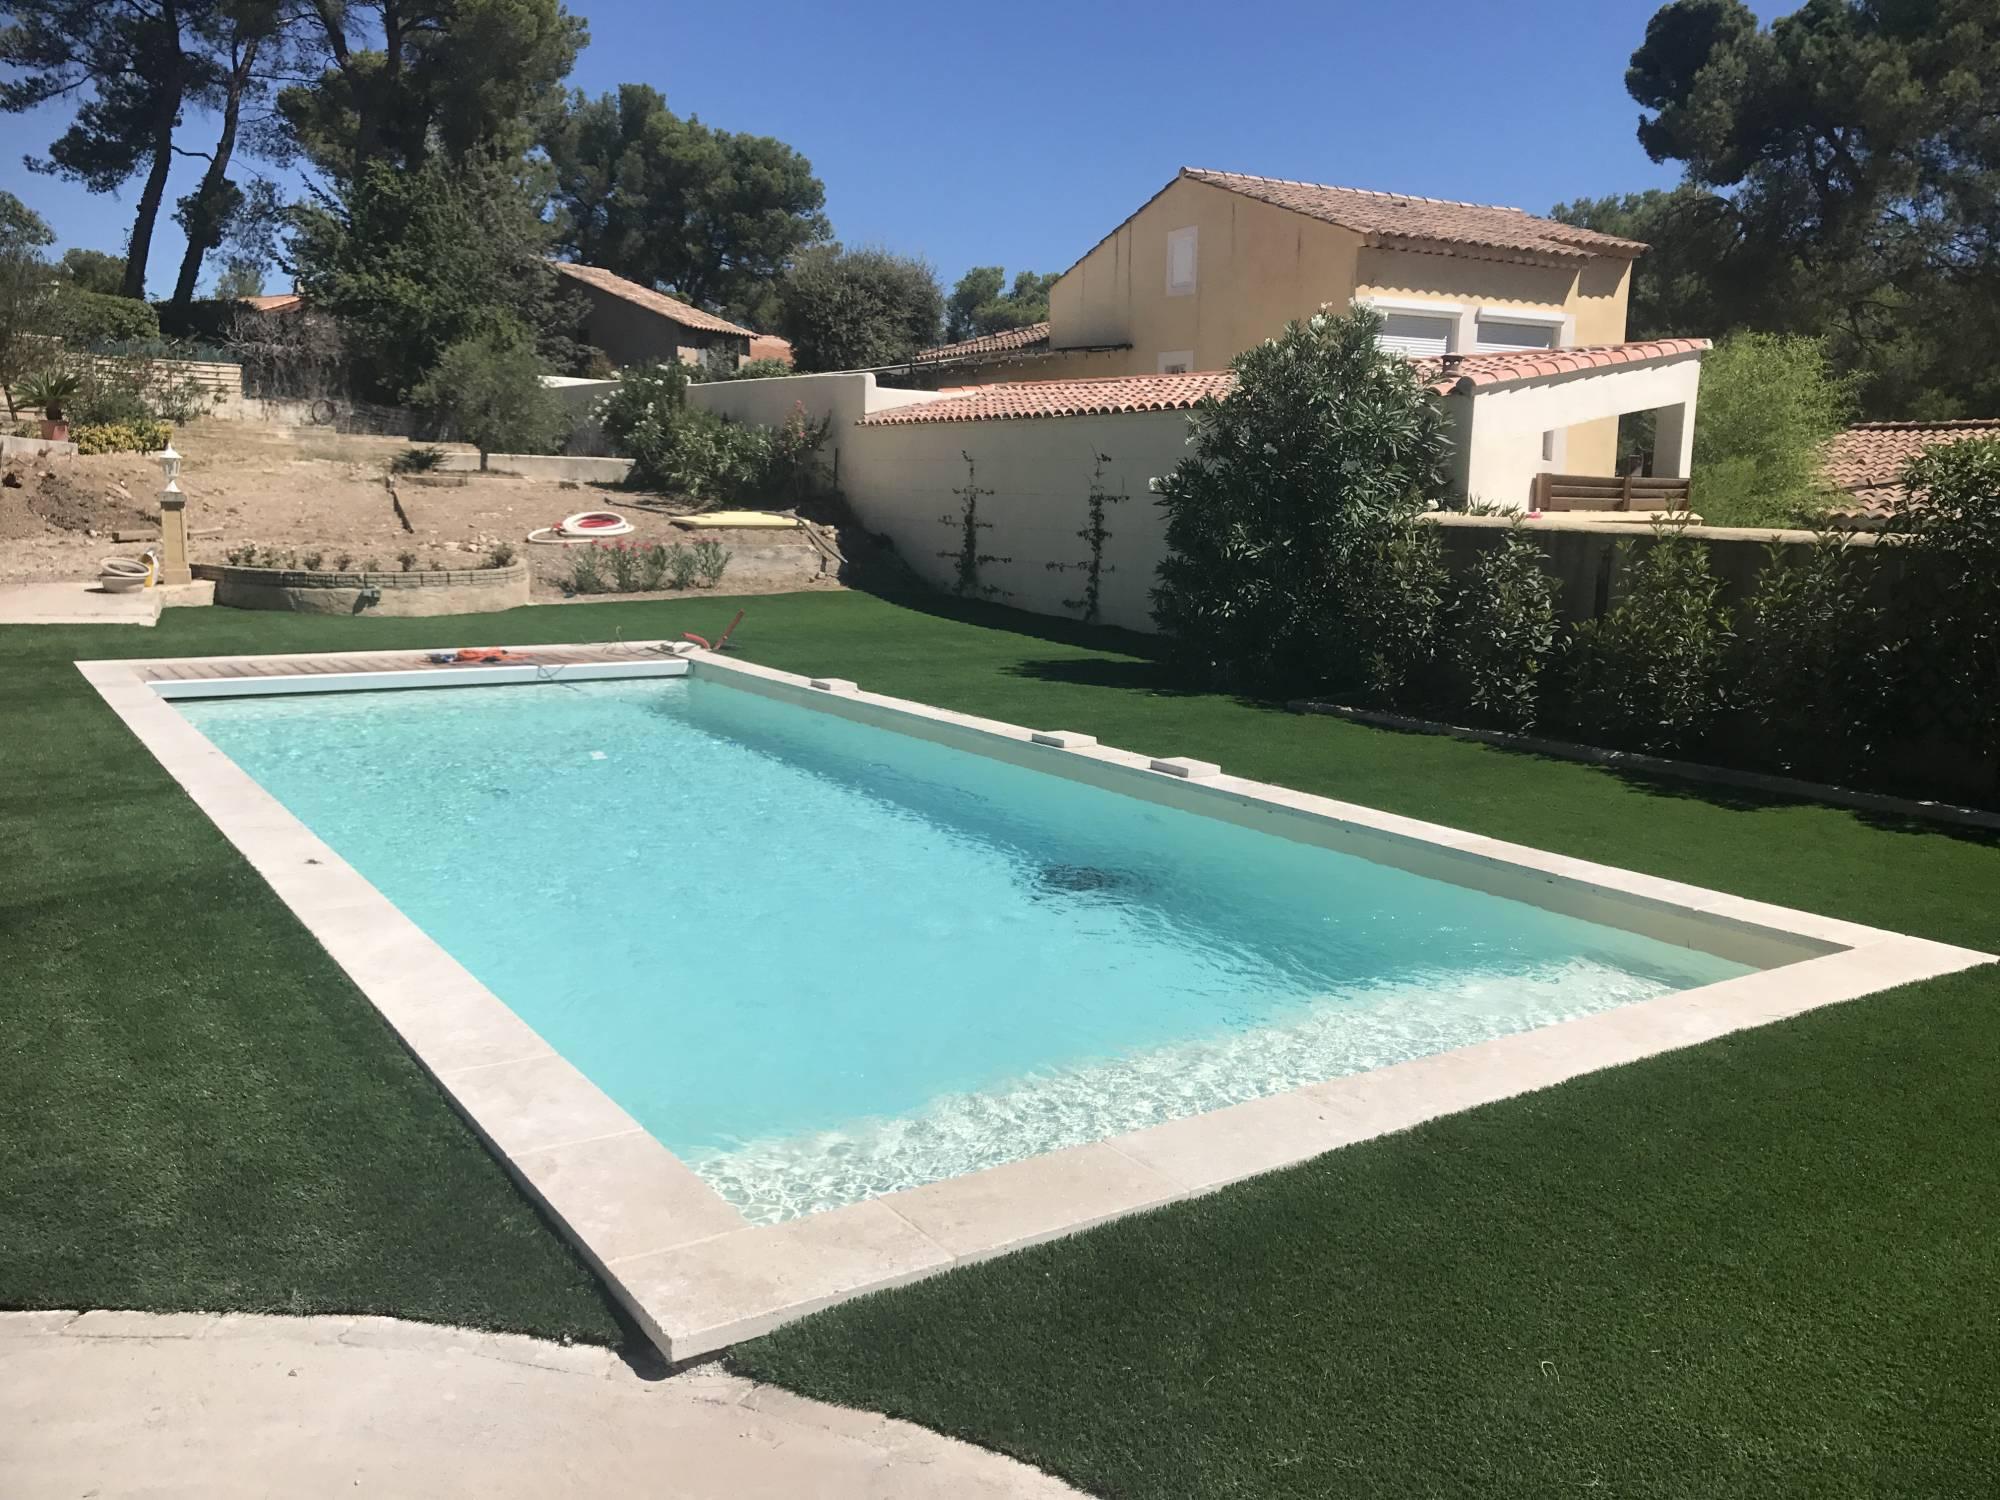 Entourage de piscine en gazon synthétique à Aix en Provence ...